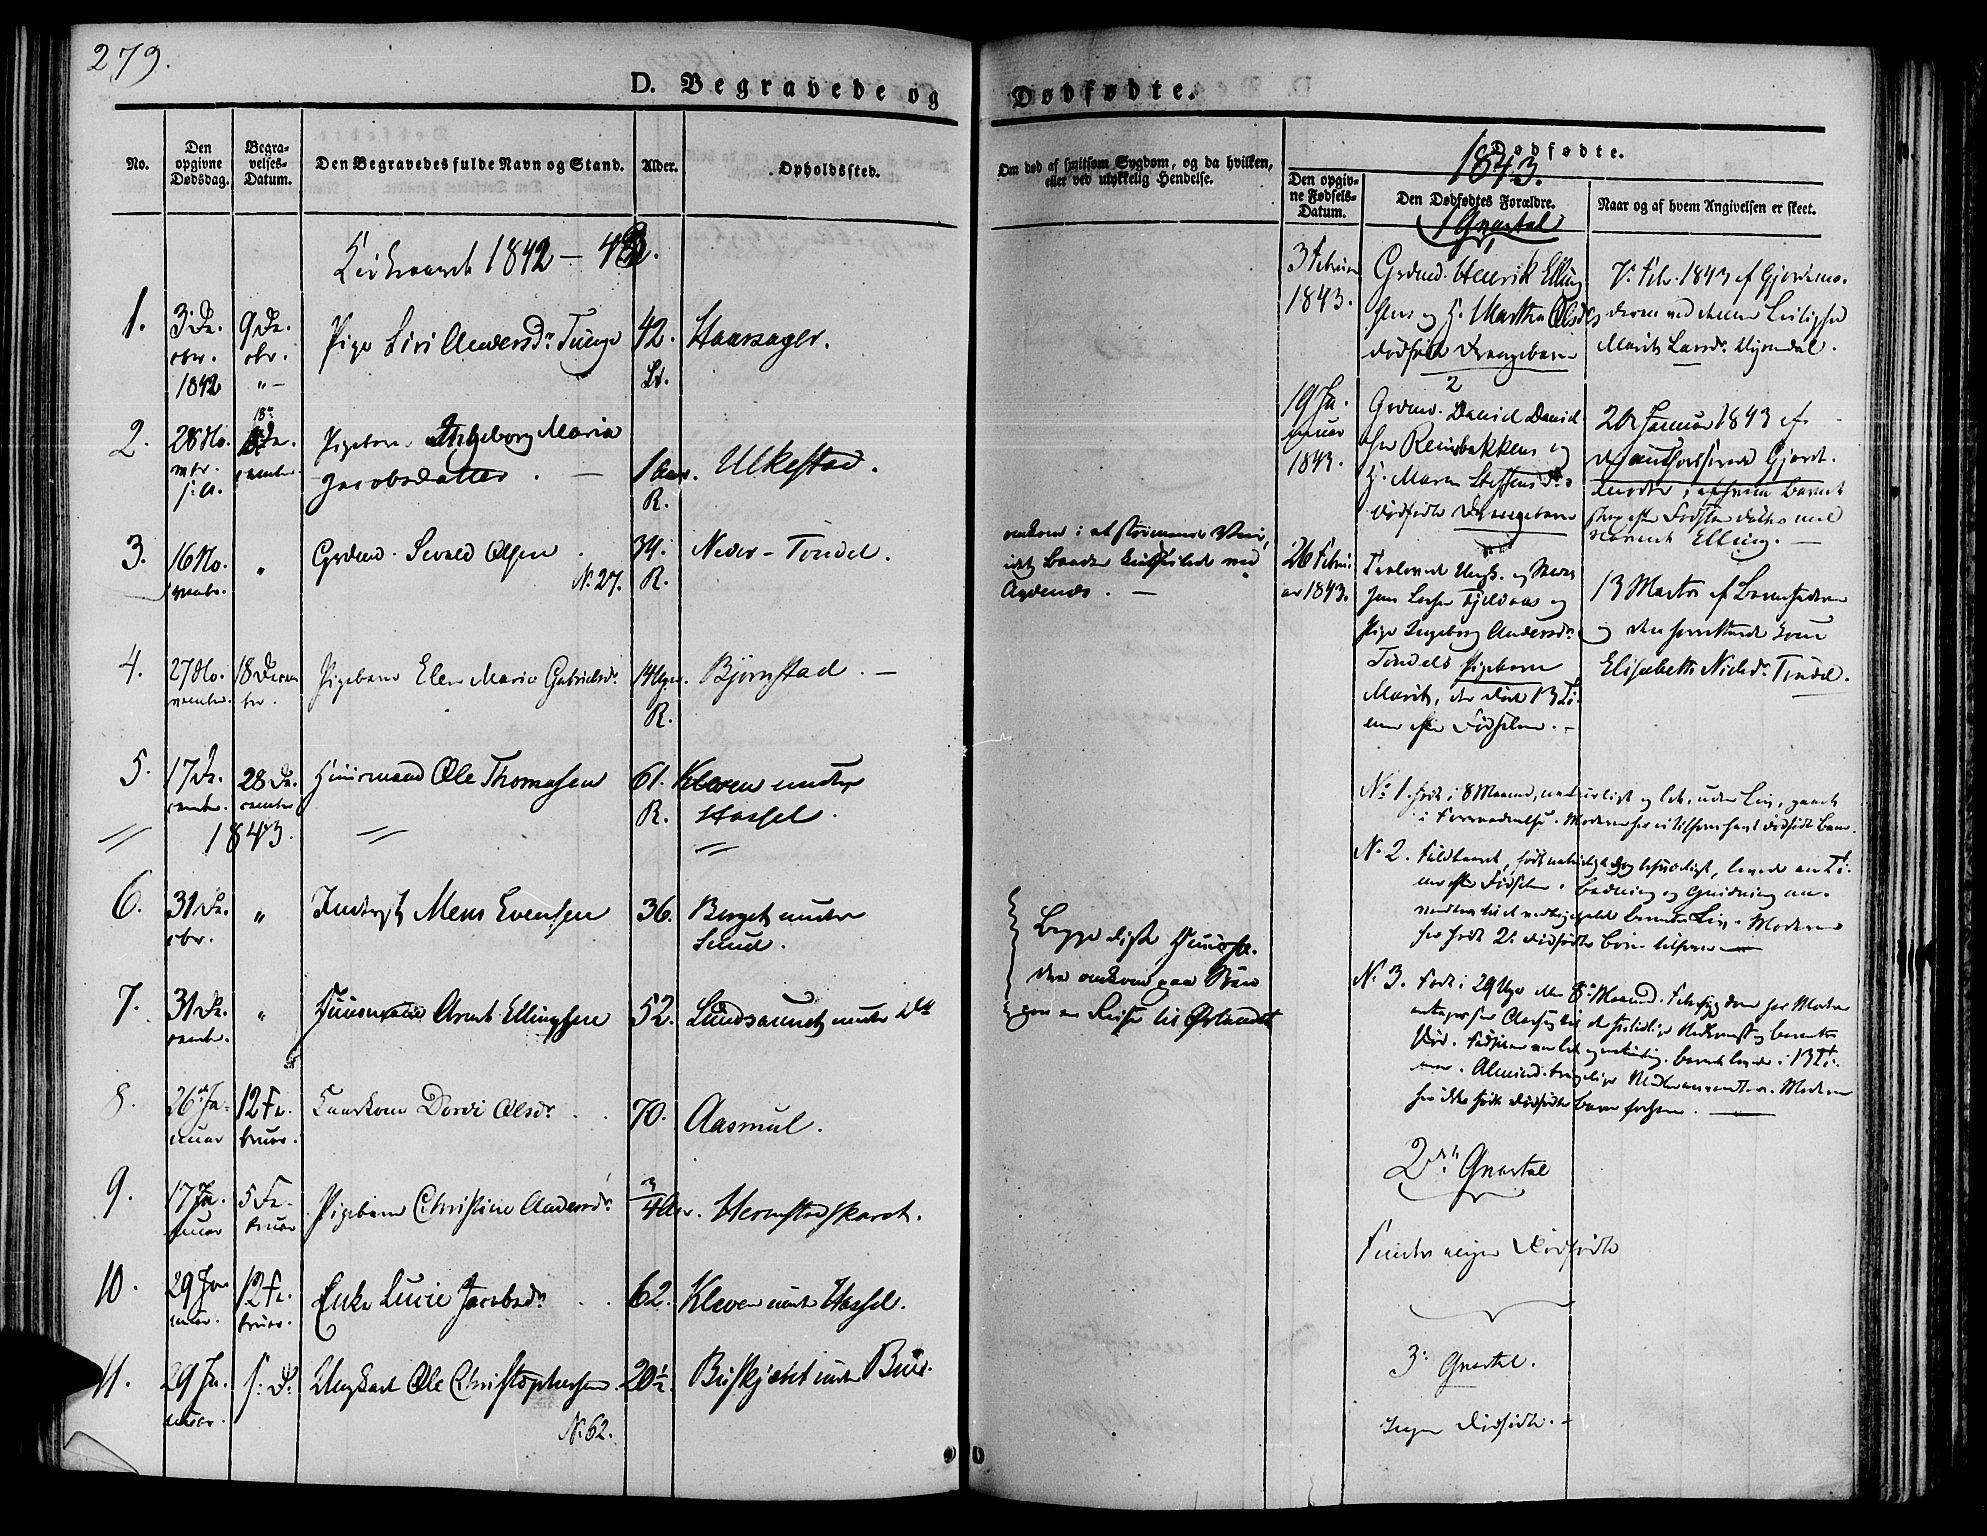 SAT, Ministerialprotokoller, klokkerbøker og fødselsregistre - Sør-Trøndelag, 646/L0610: Ministerialbok nr. 646A08, 1837-1847, s. 279